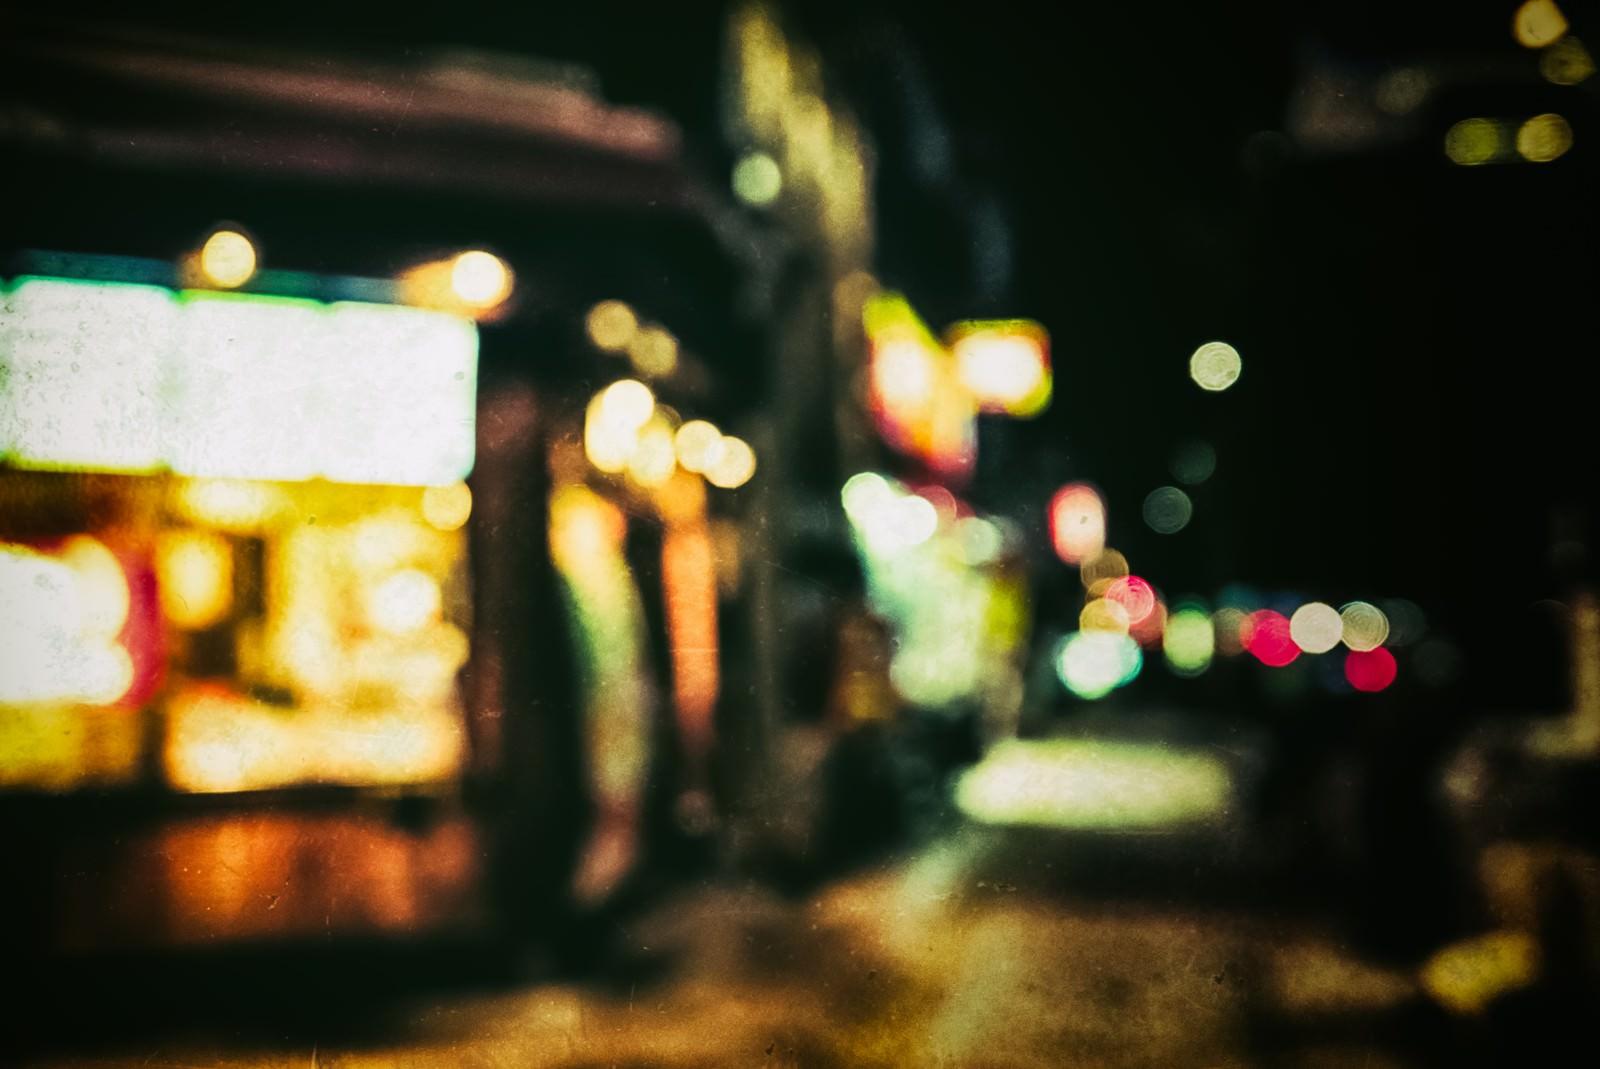 「深夜営業のお店(ボケ)」の写真